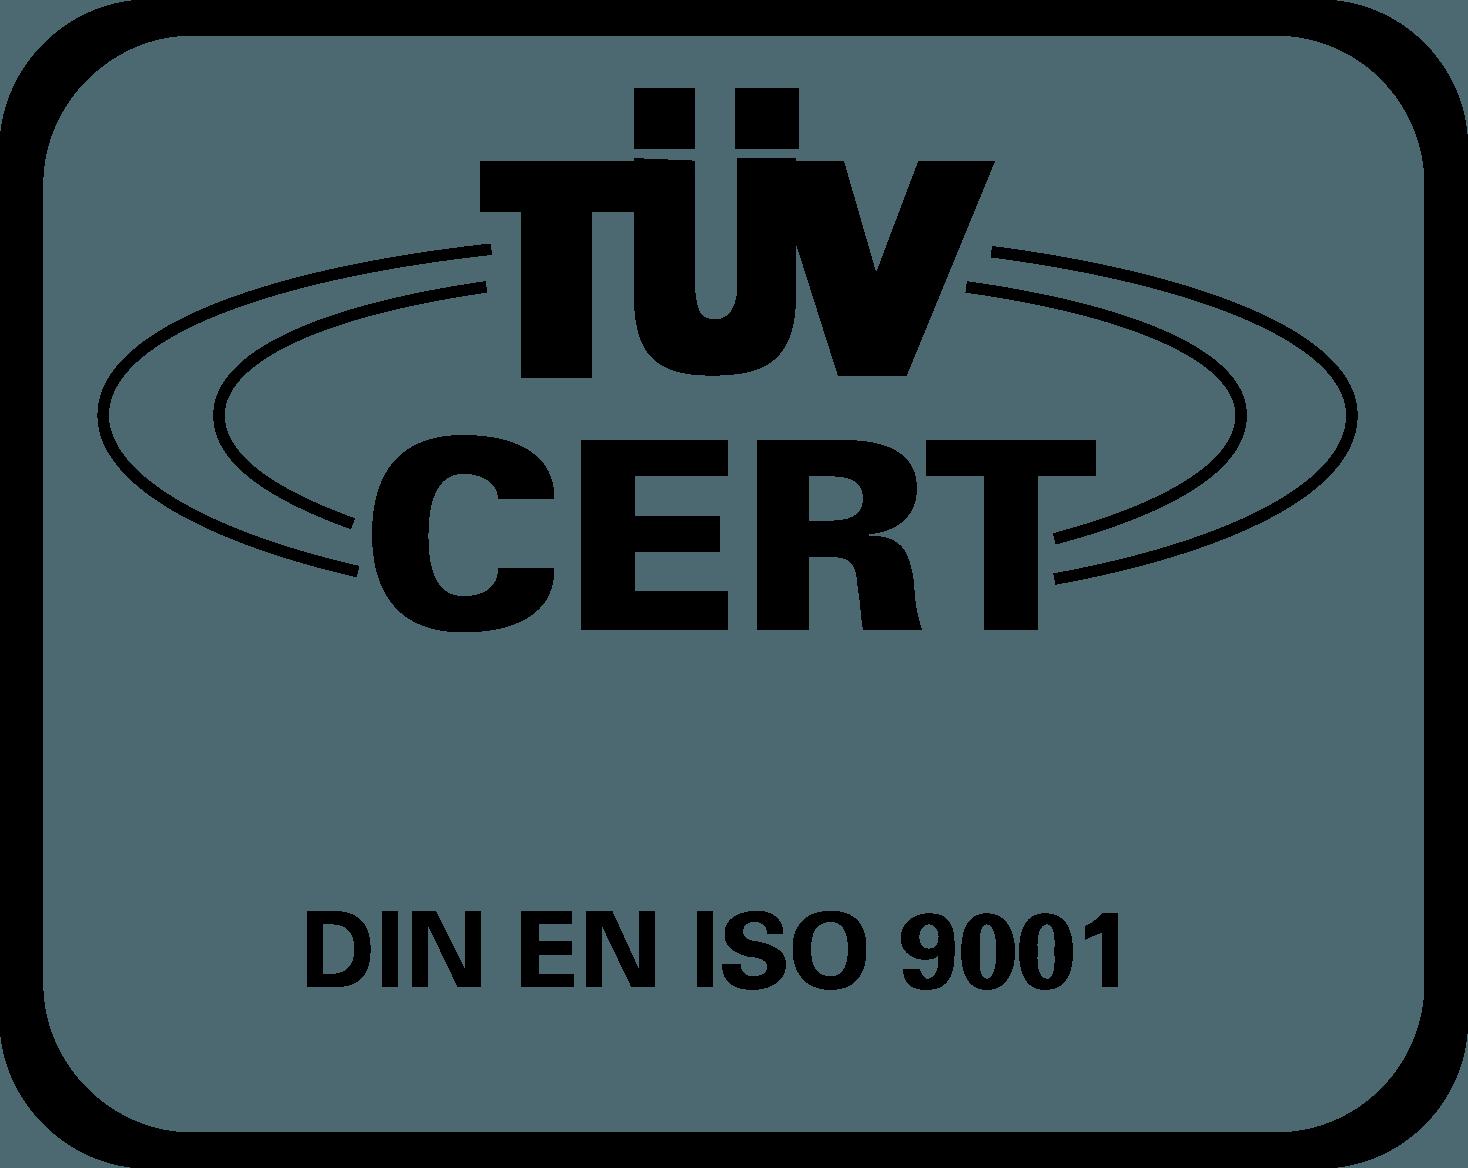 TUV Cert Logo [ISO 9001] png